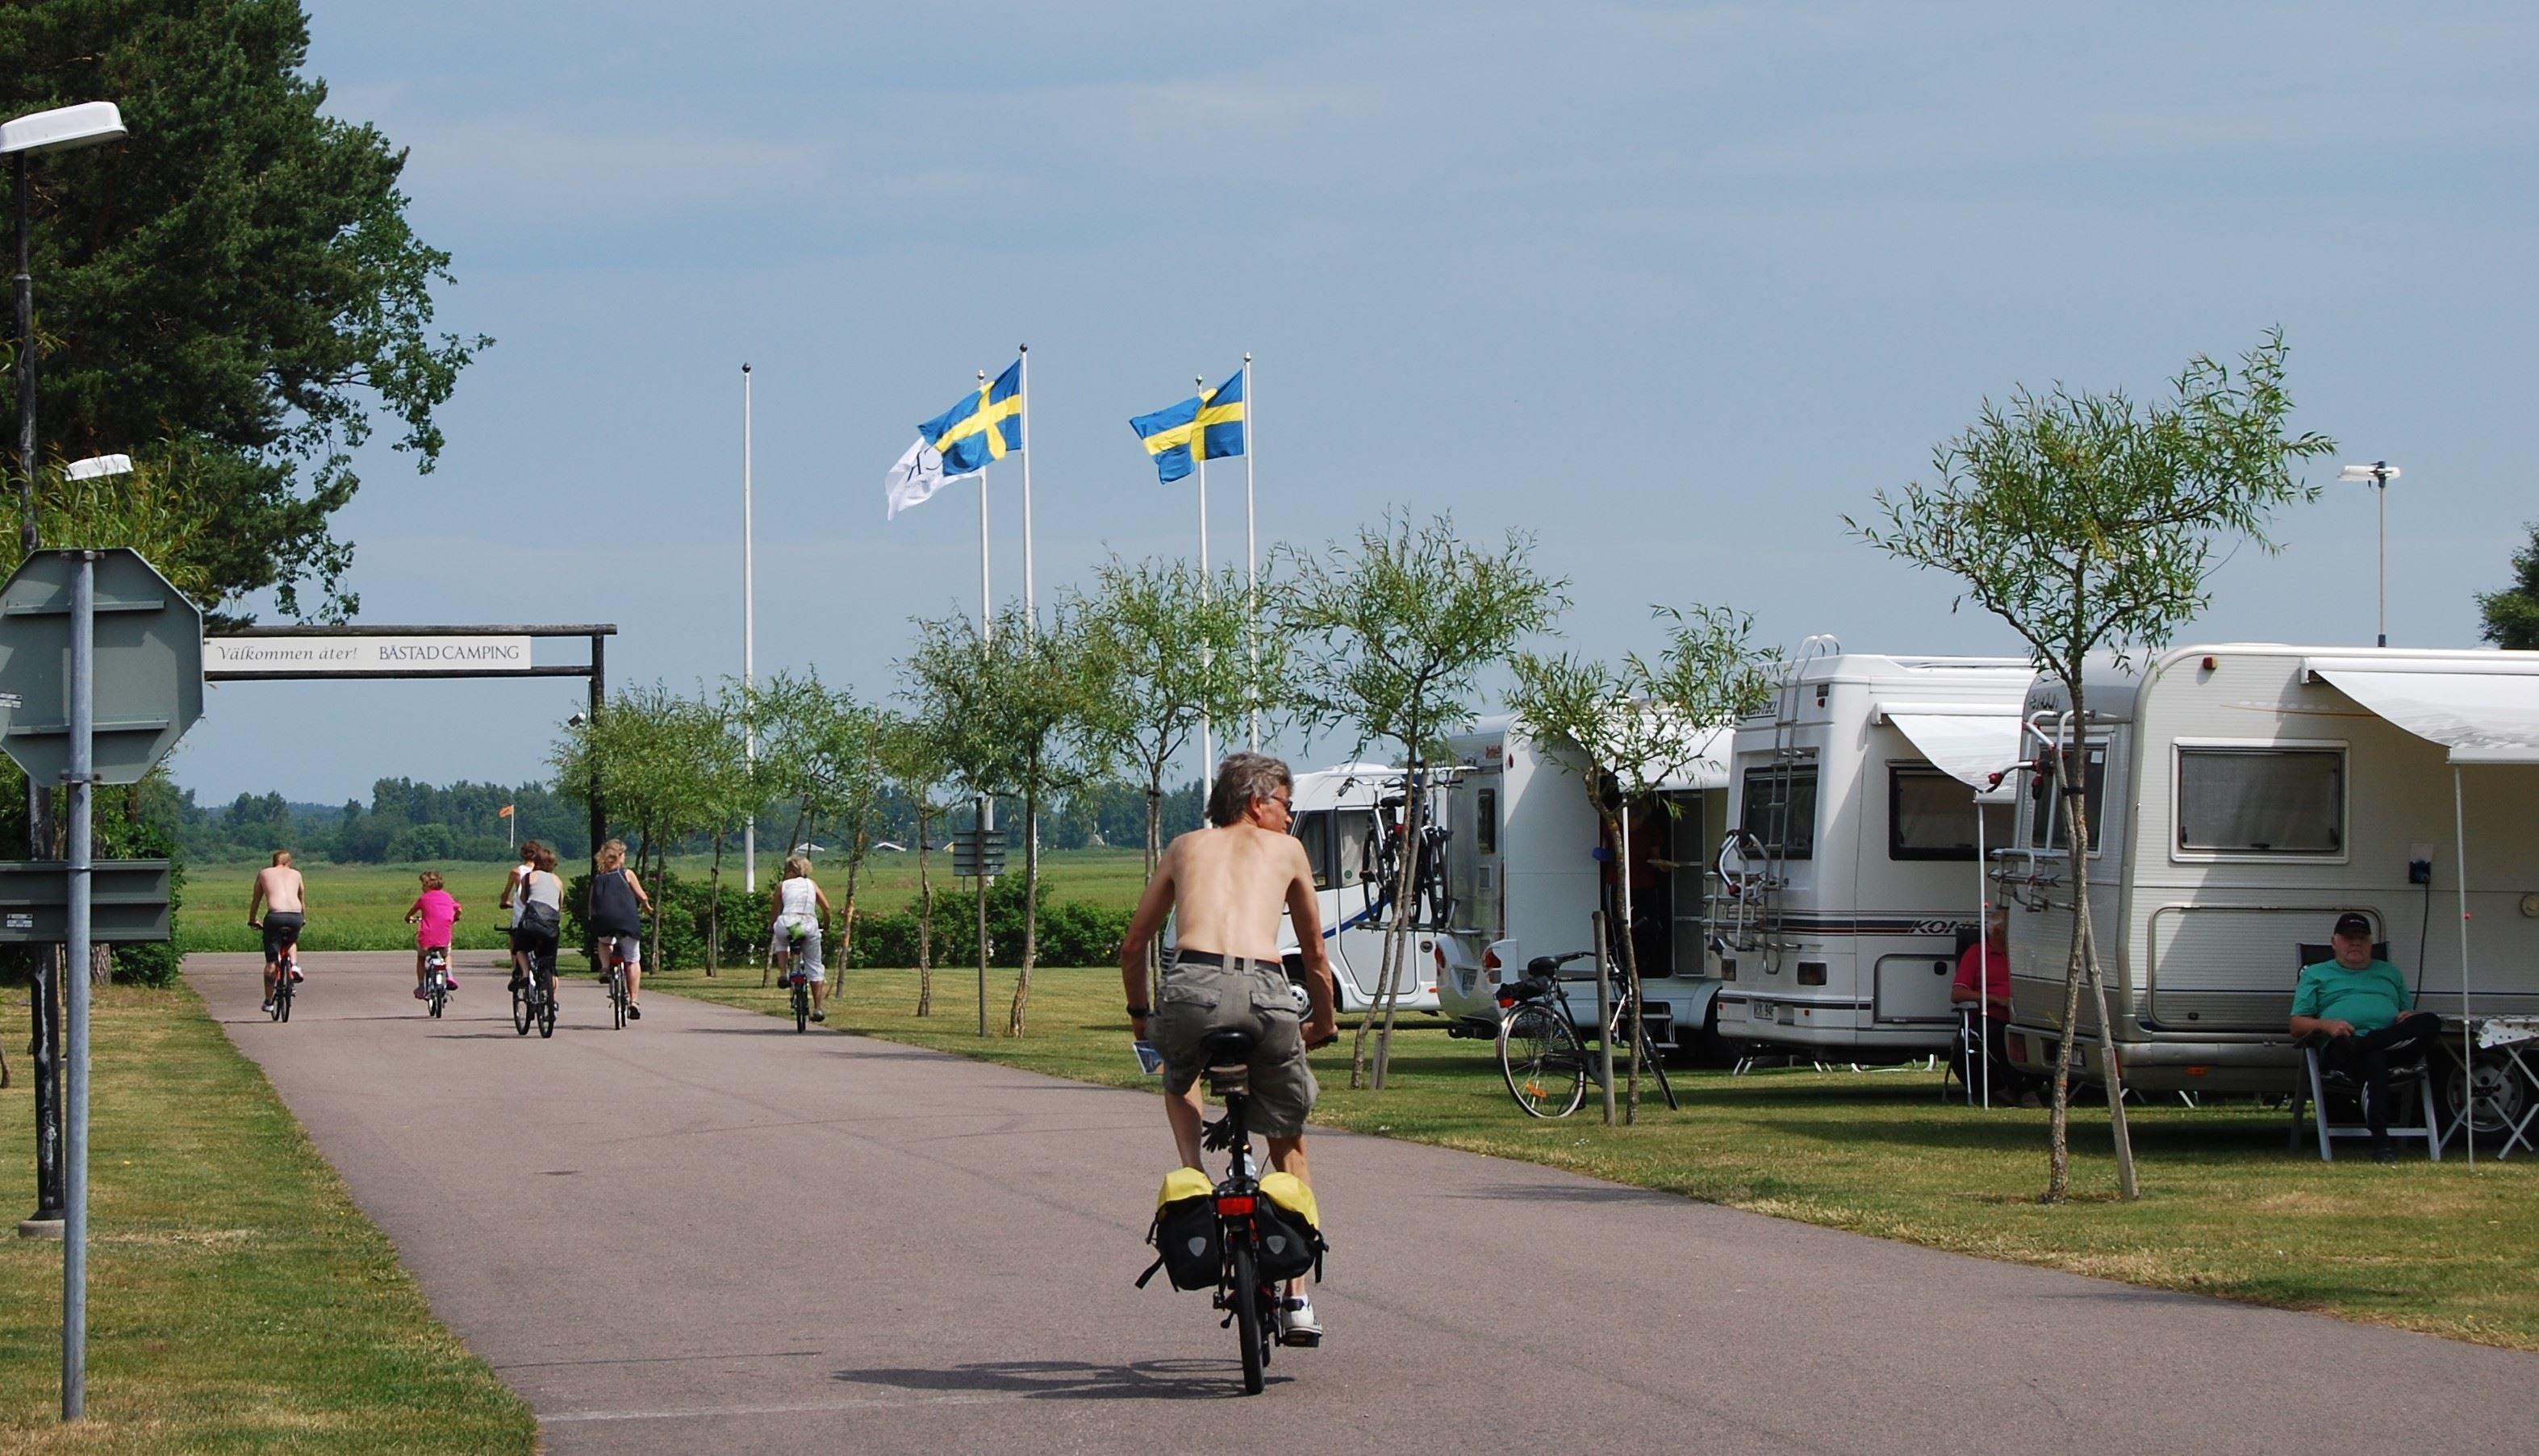 Båstad Camping